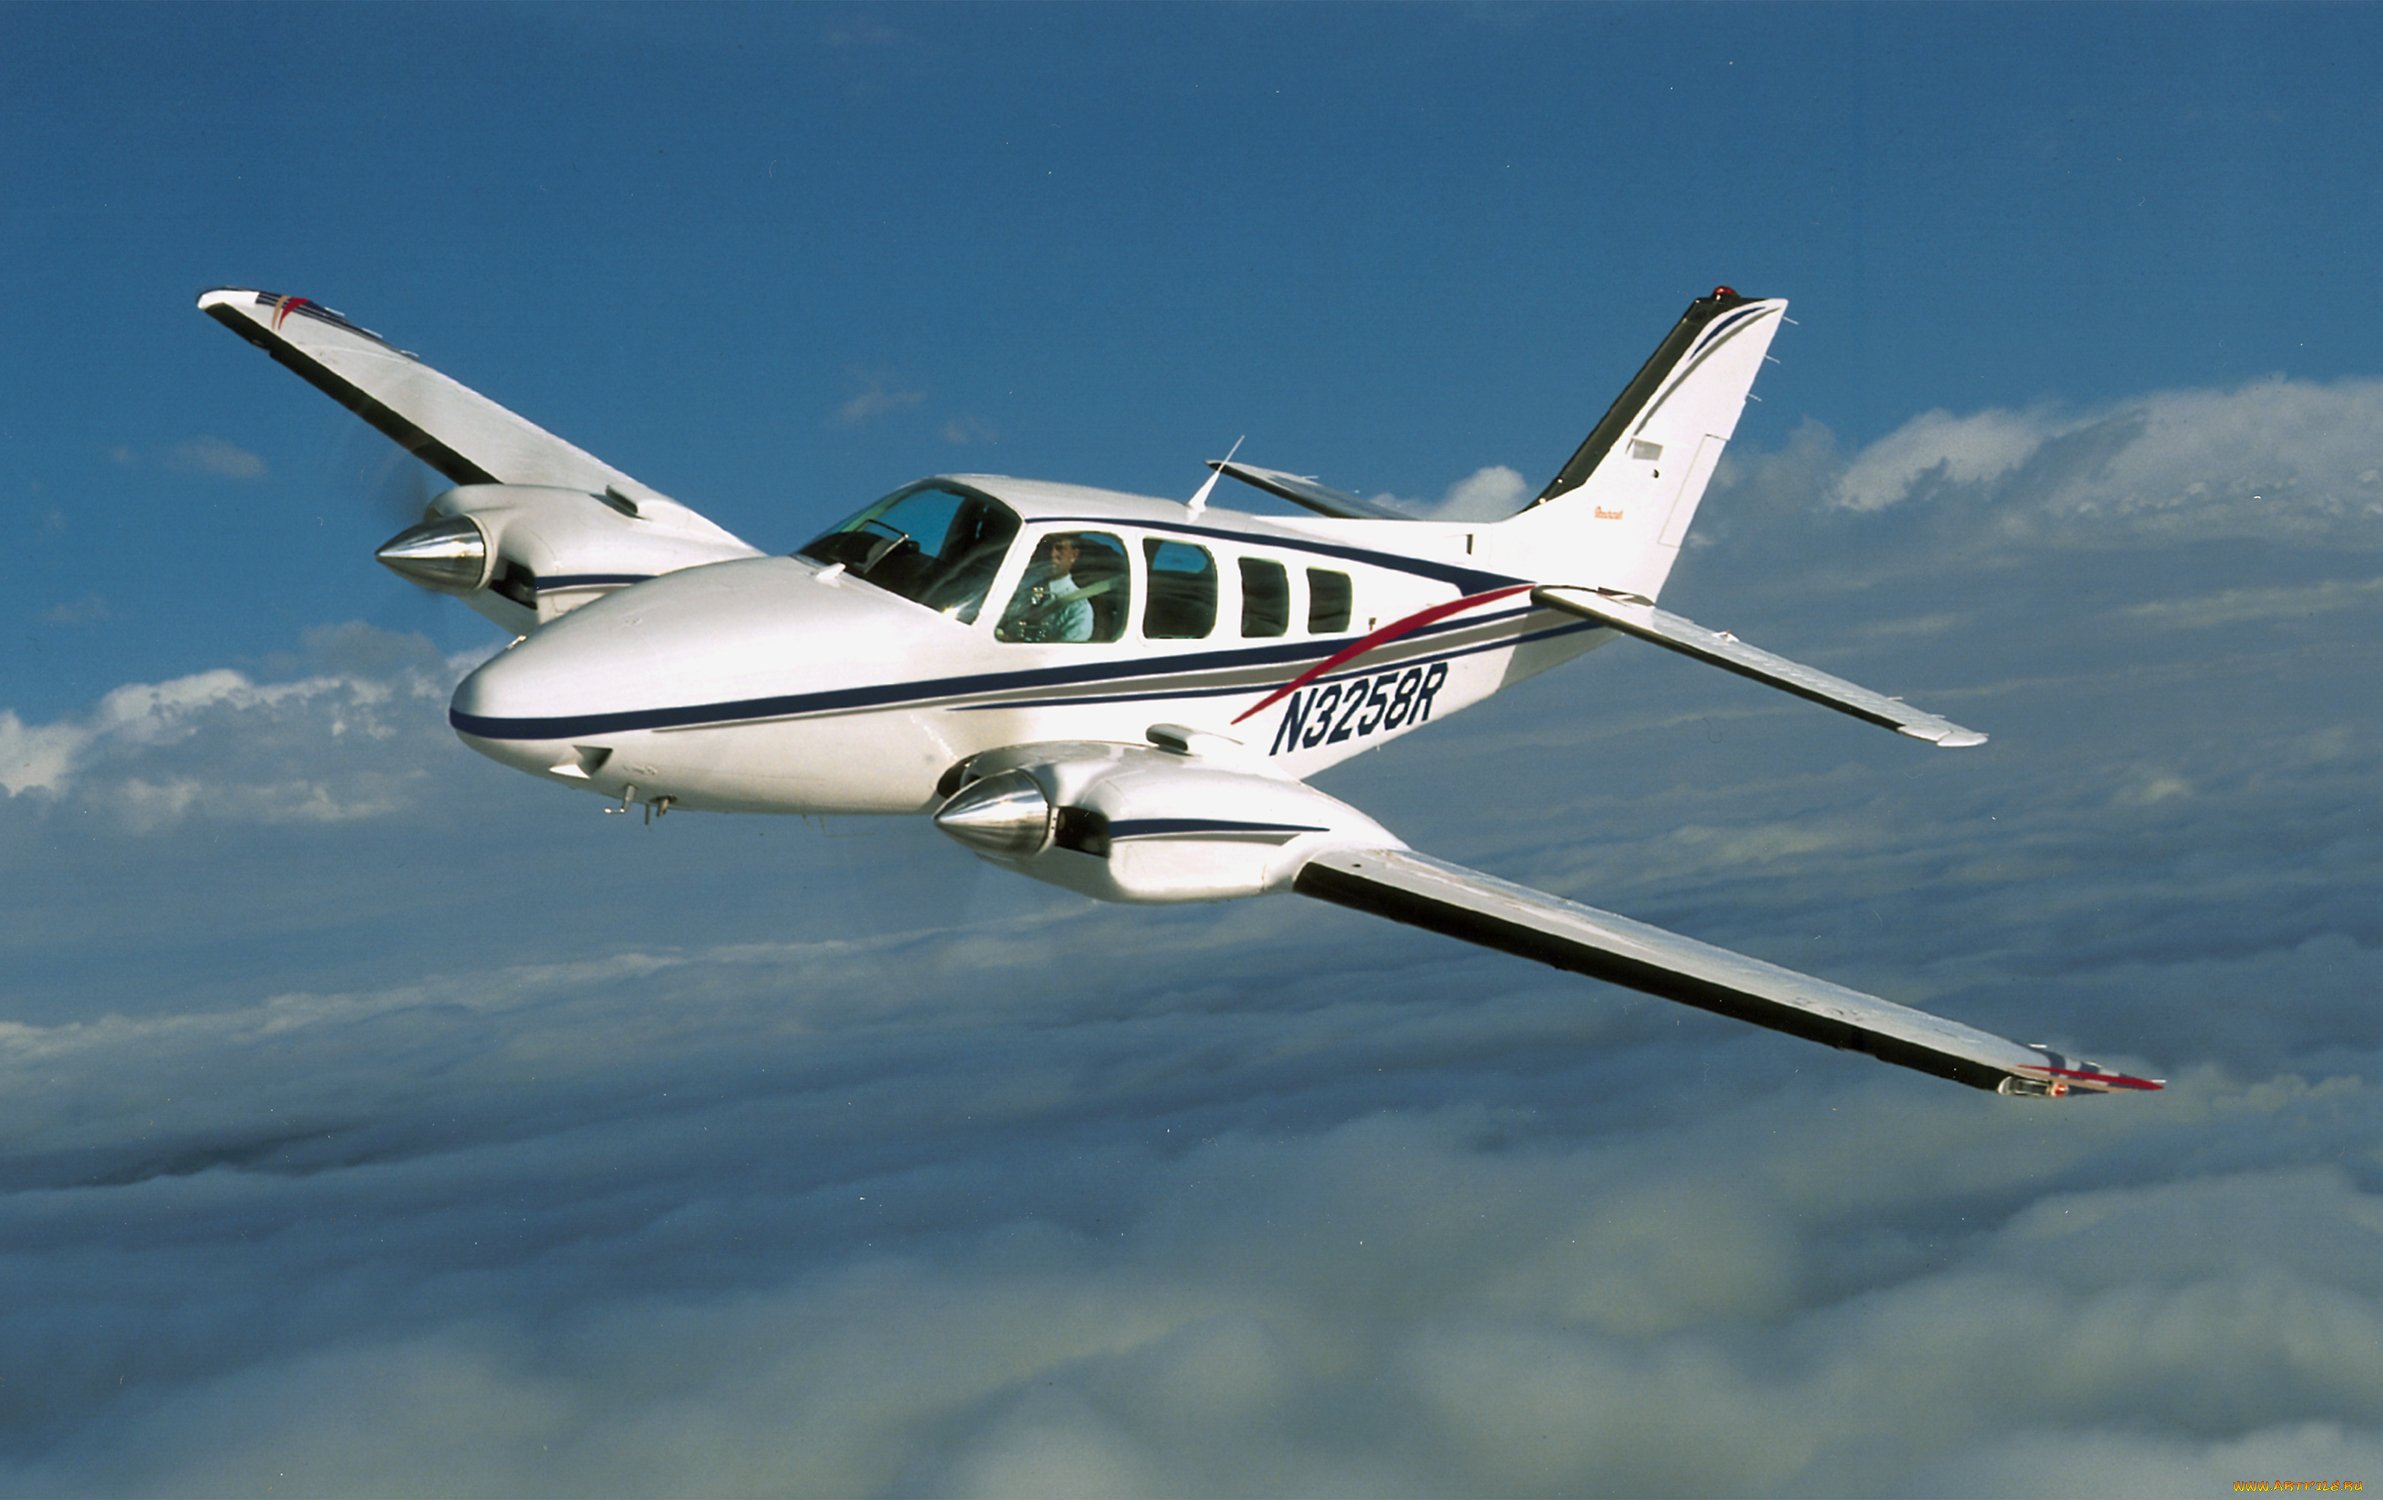 какие фото двухмоторного пассажирского самолета лучший подарок